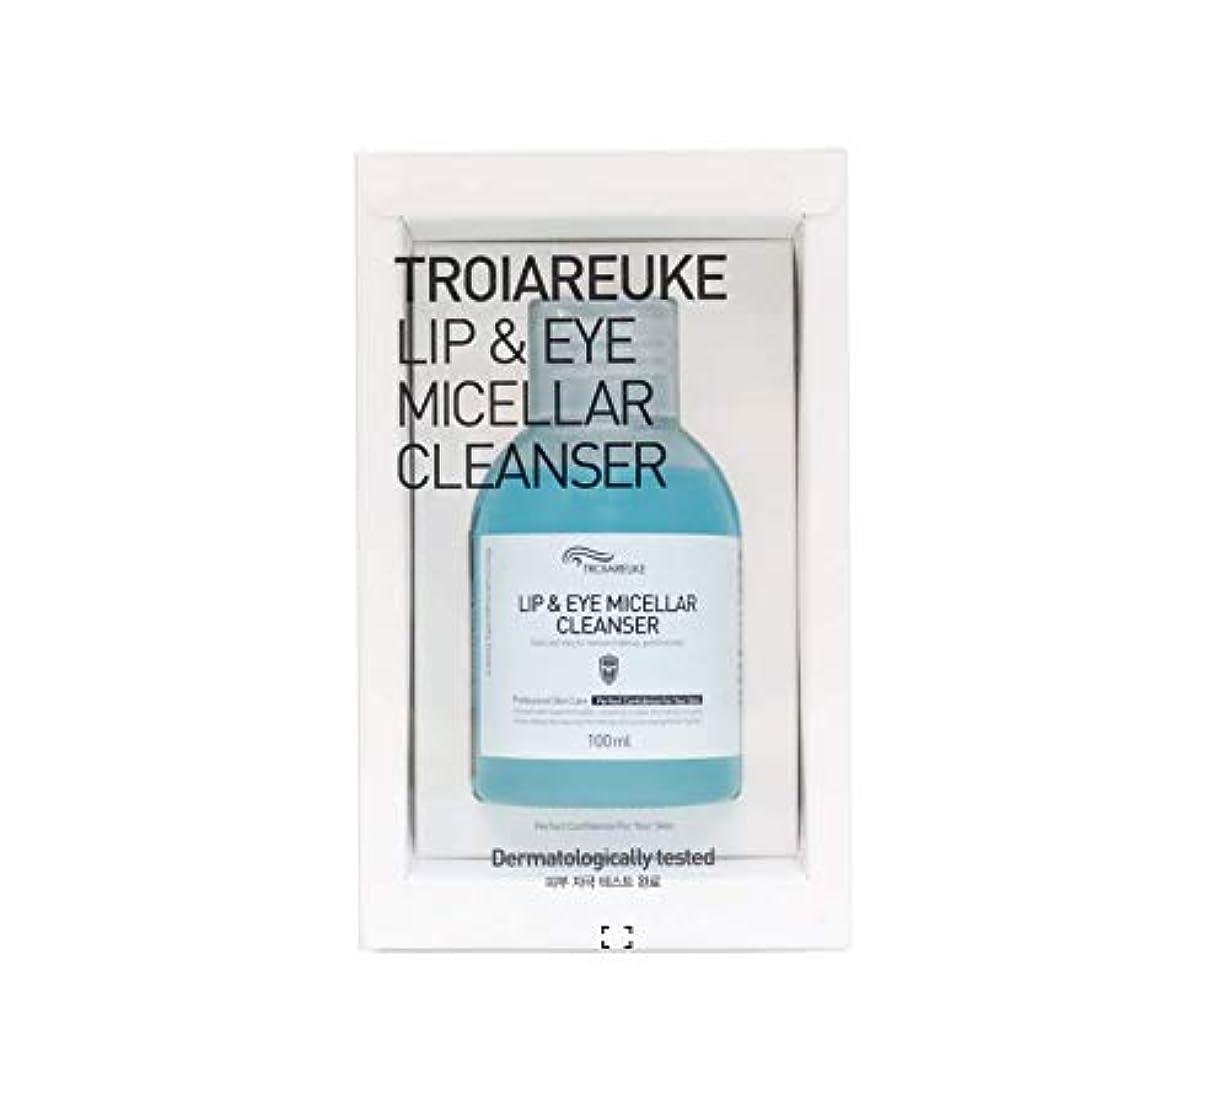 配列水を飲む農業のTROIAREUKE (トロイアルケ) リップ & アイ ミセラー クレンザー / Lip & Eye Micellar Cleanser (100ml) [並行輸入品]